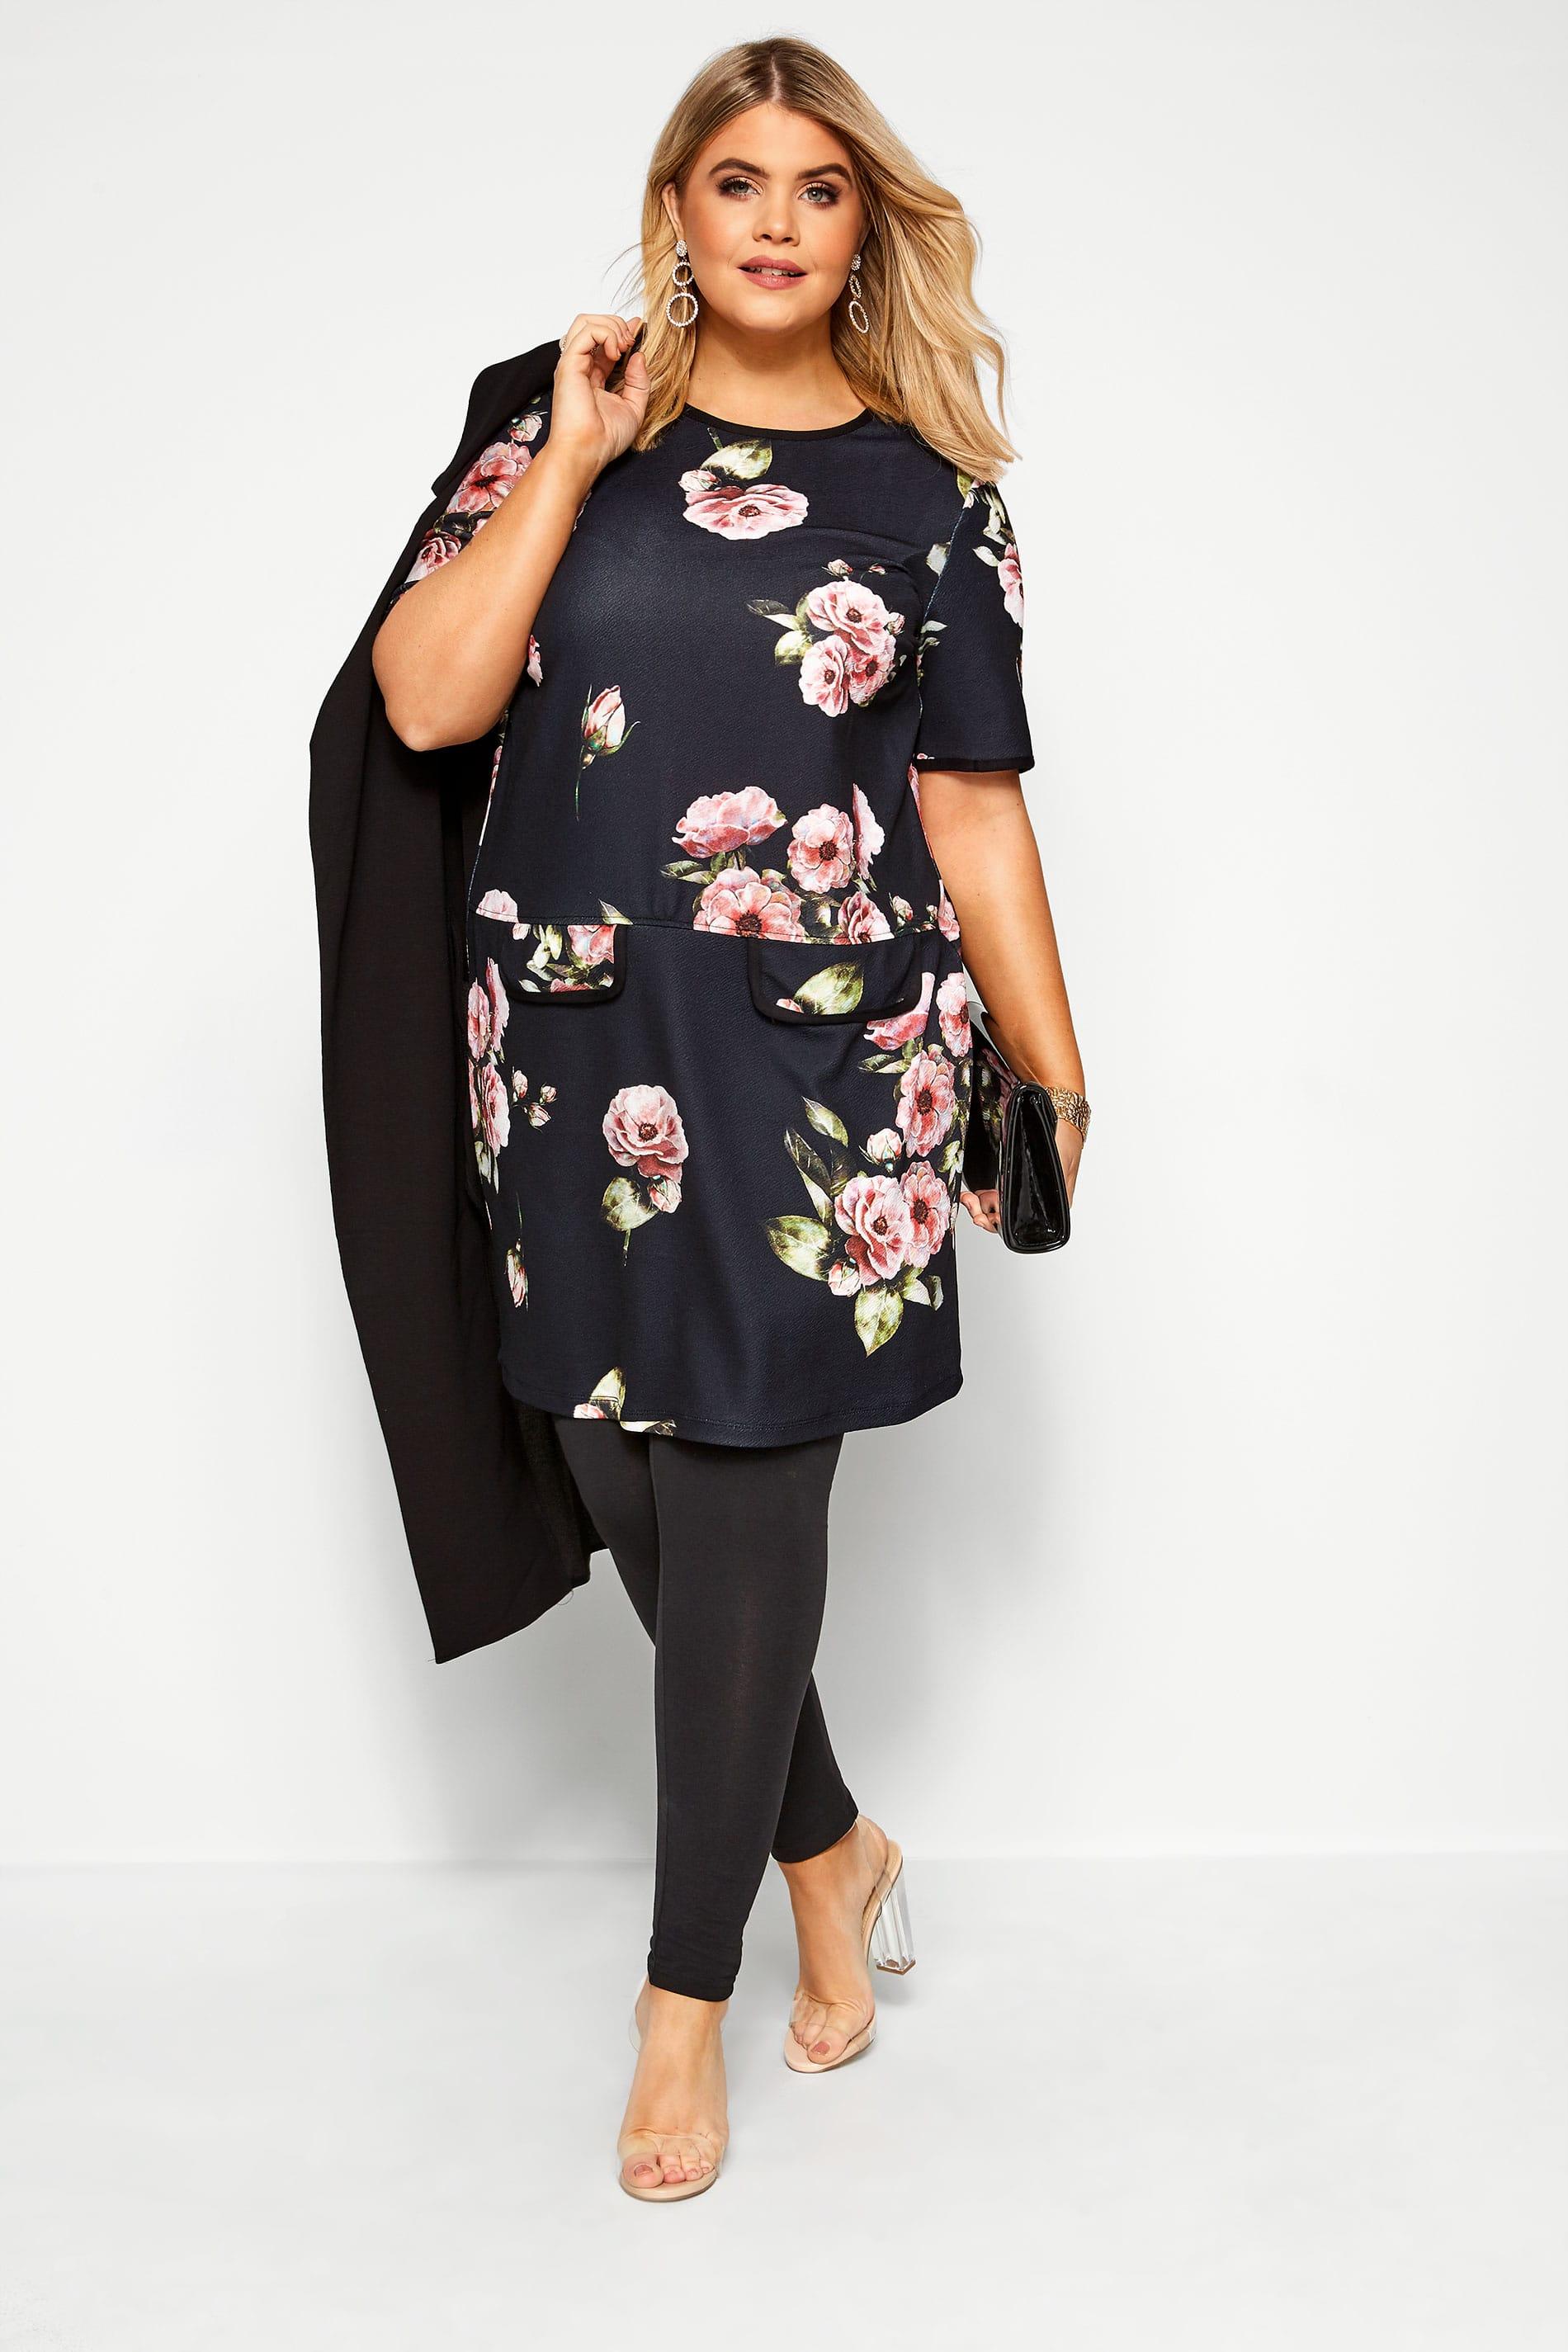 Tunika-Kleid mit Blumen-Muster - Schwarz/Pink